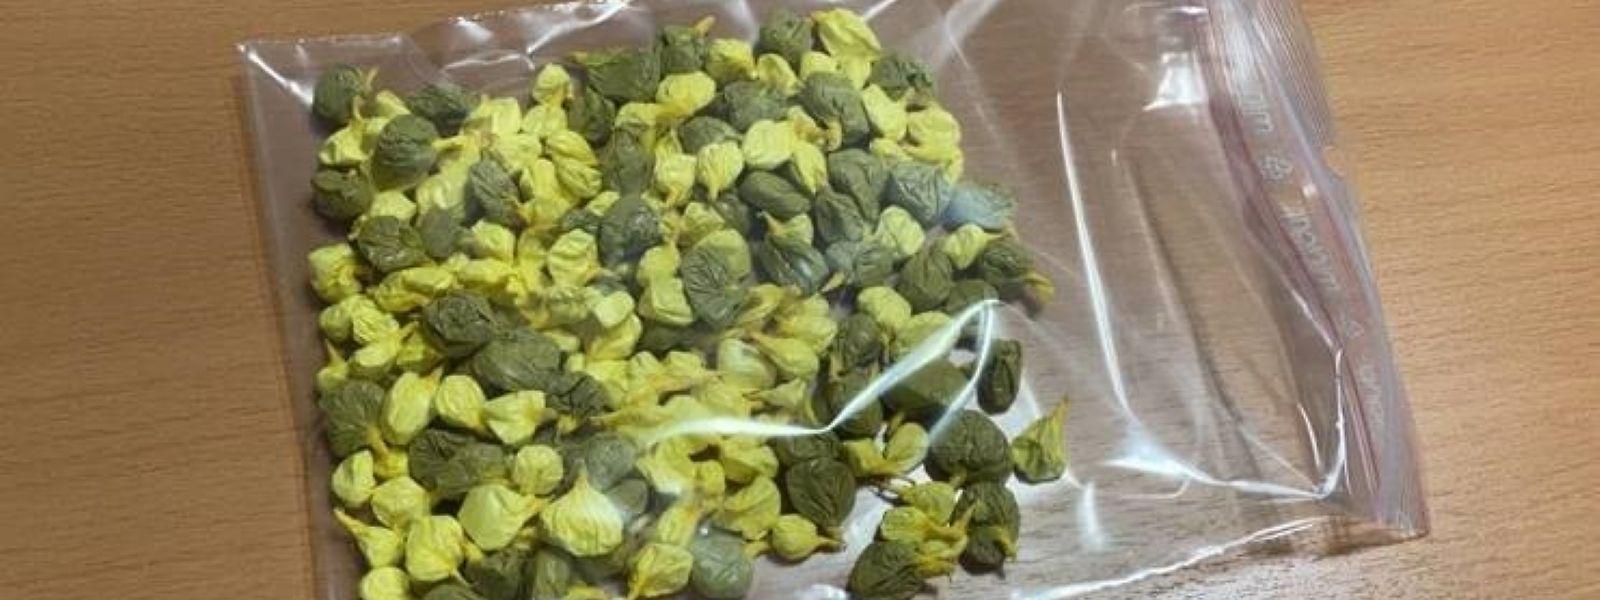 Kokain- und Heroinkugeln wurden am Mittwoch in einer Hecke im Petrustal gefunden.